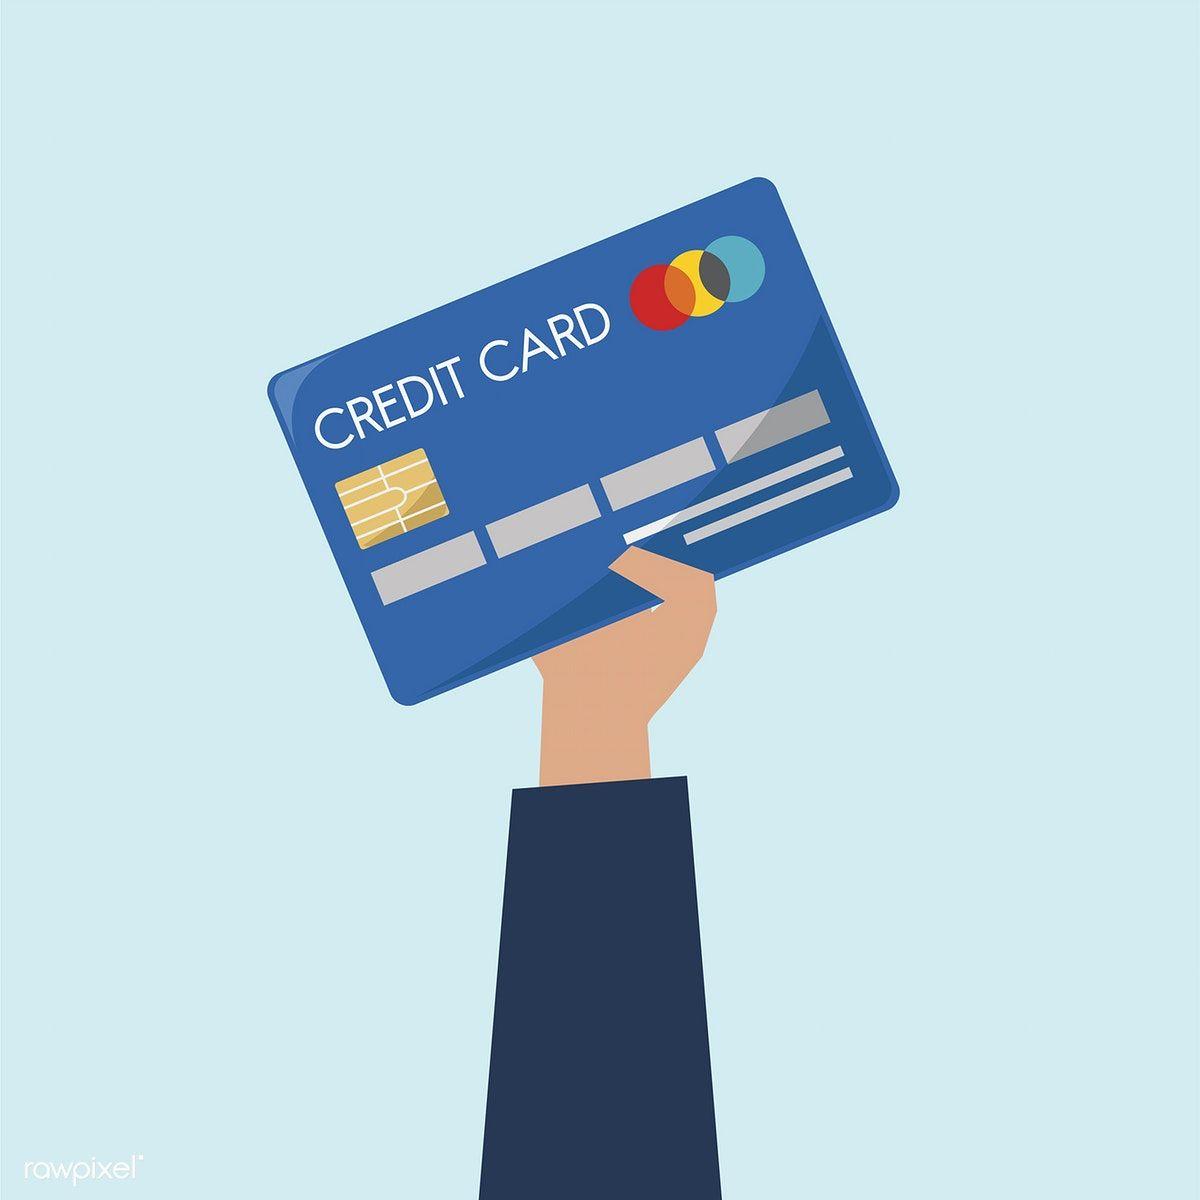 ハミングウォーター 支払い方法 クレジットカード